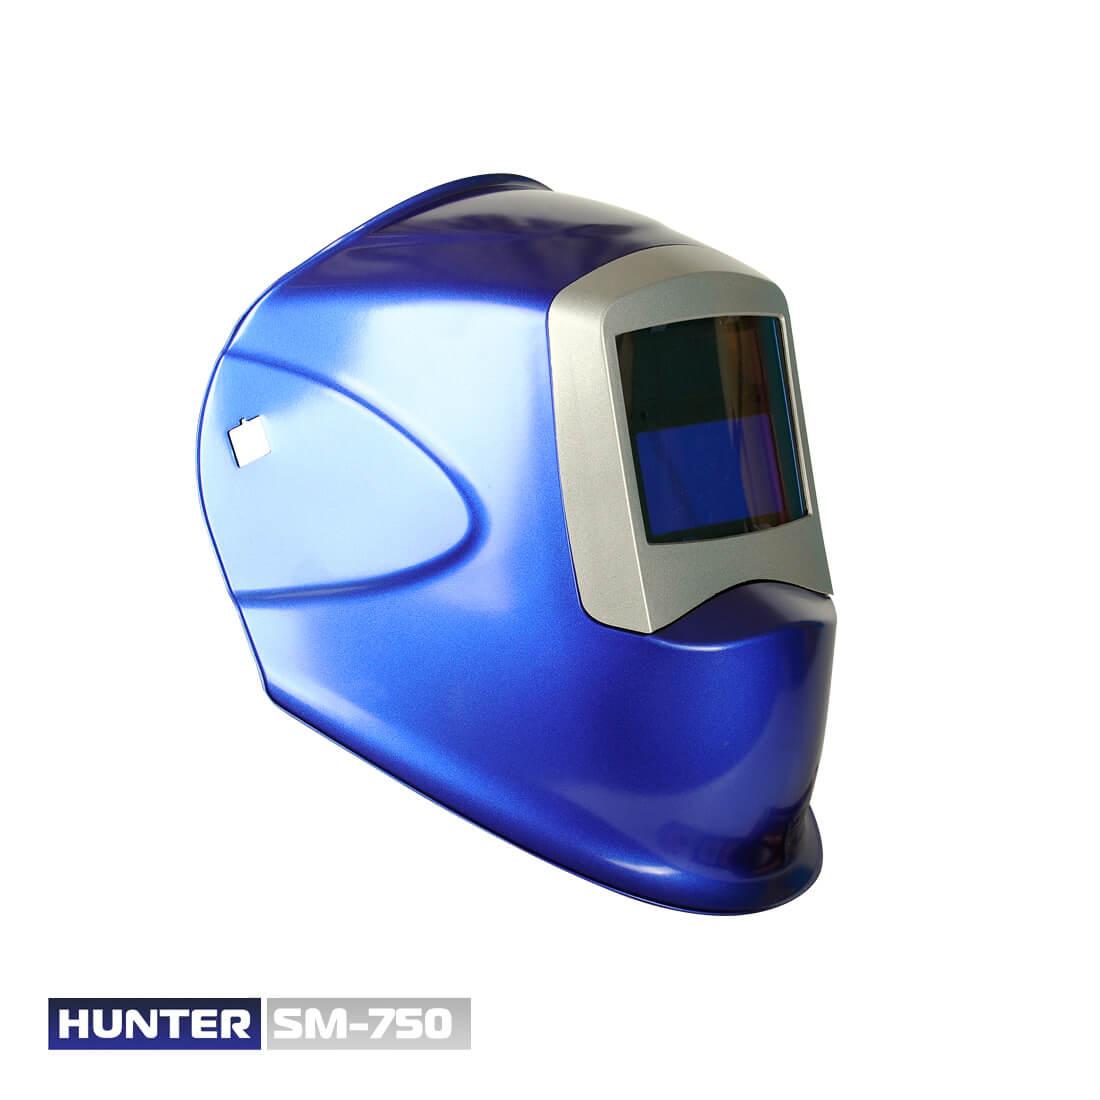 Фото SM-750 цена 950грн №3 — Hunter